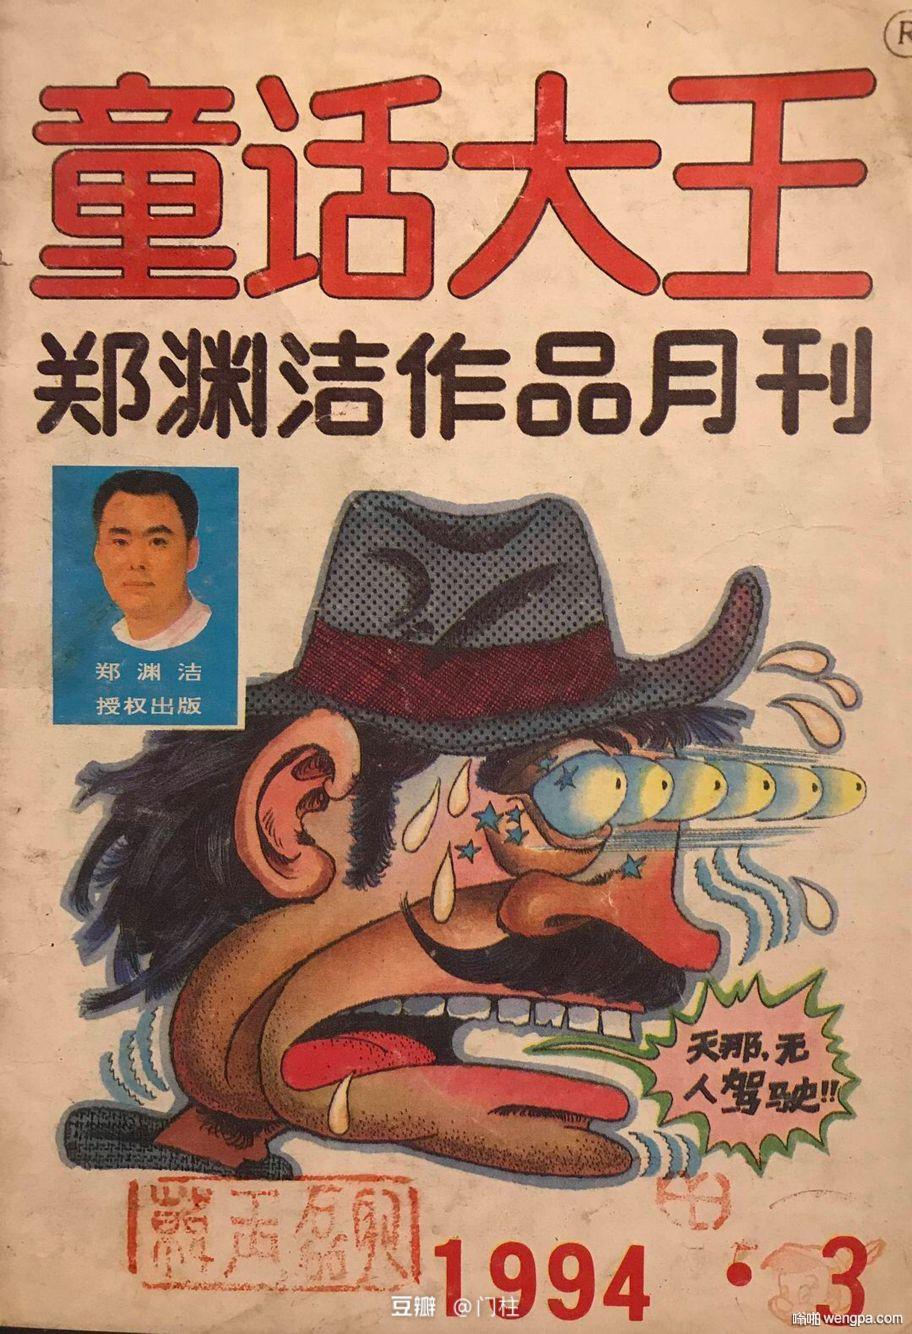 童话大王郑渊洁在1994年就准确预言汽车无人驾驶技术